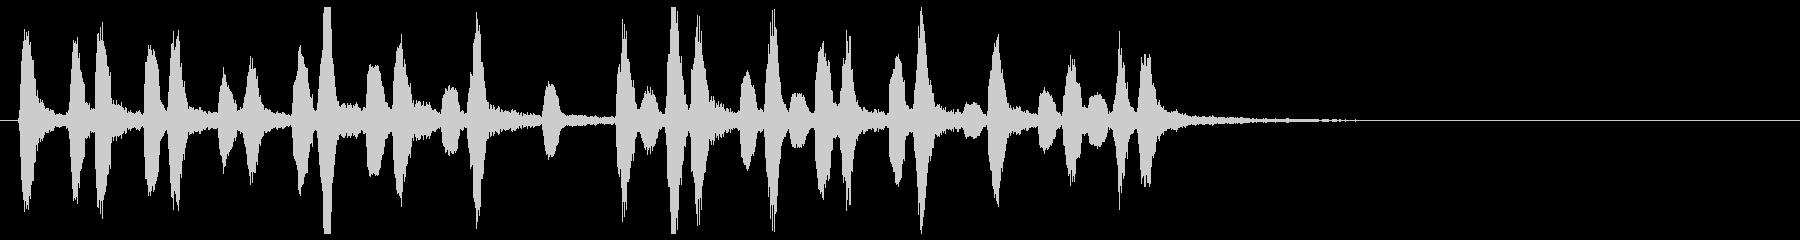 桃太郎ちょい駆け足木管リコーダー重奏の未再生の波形